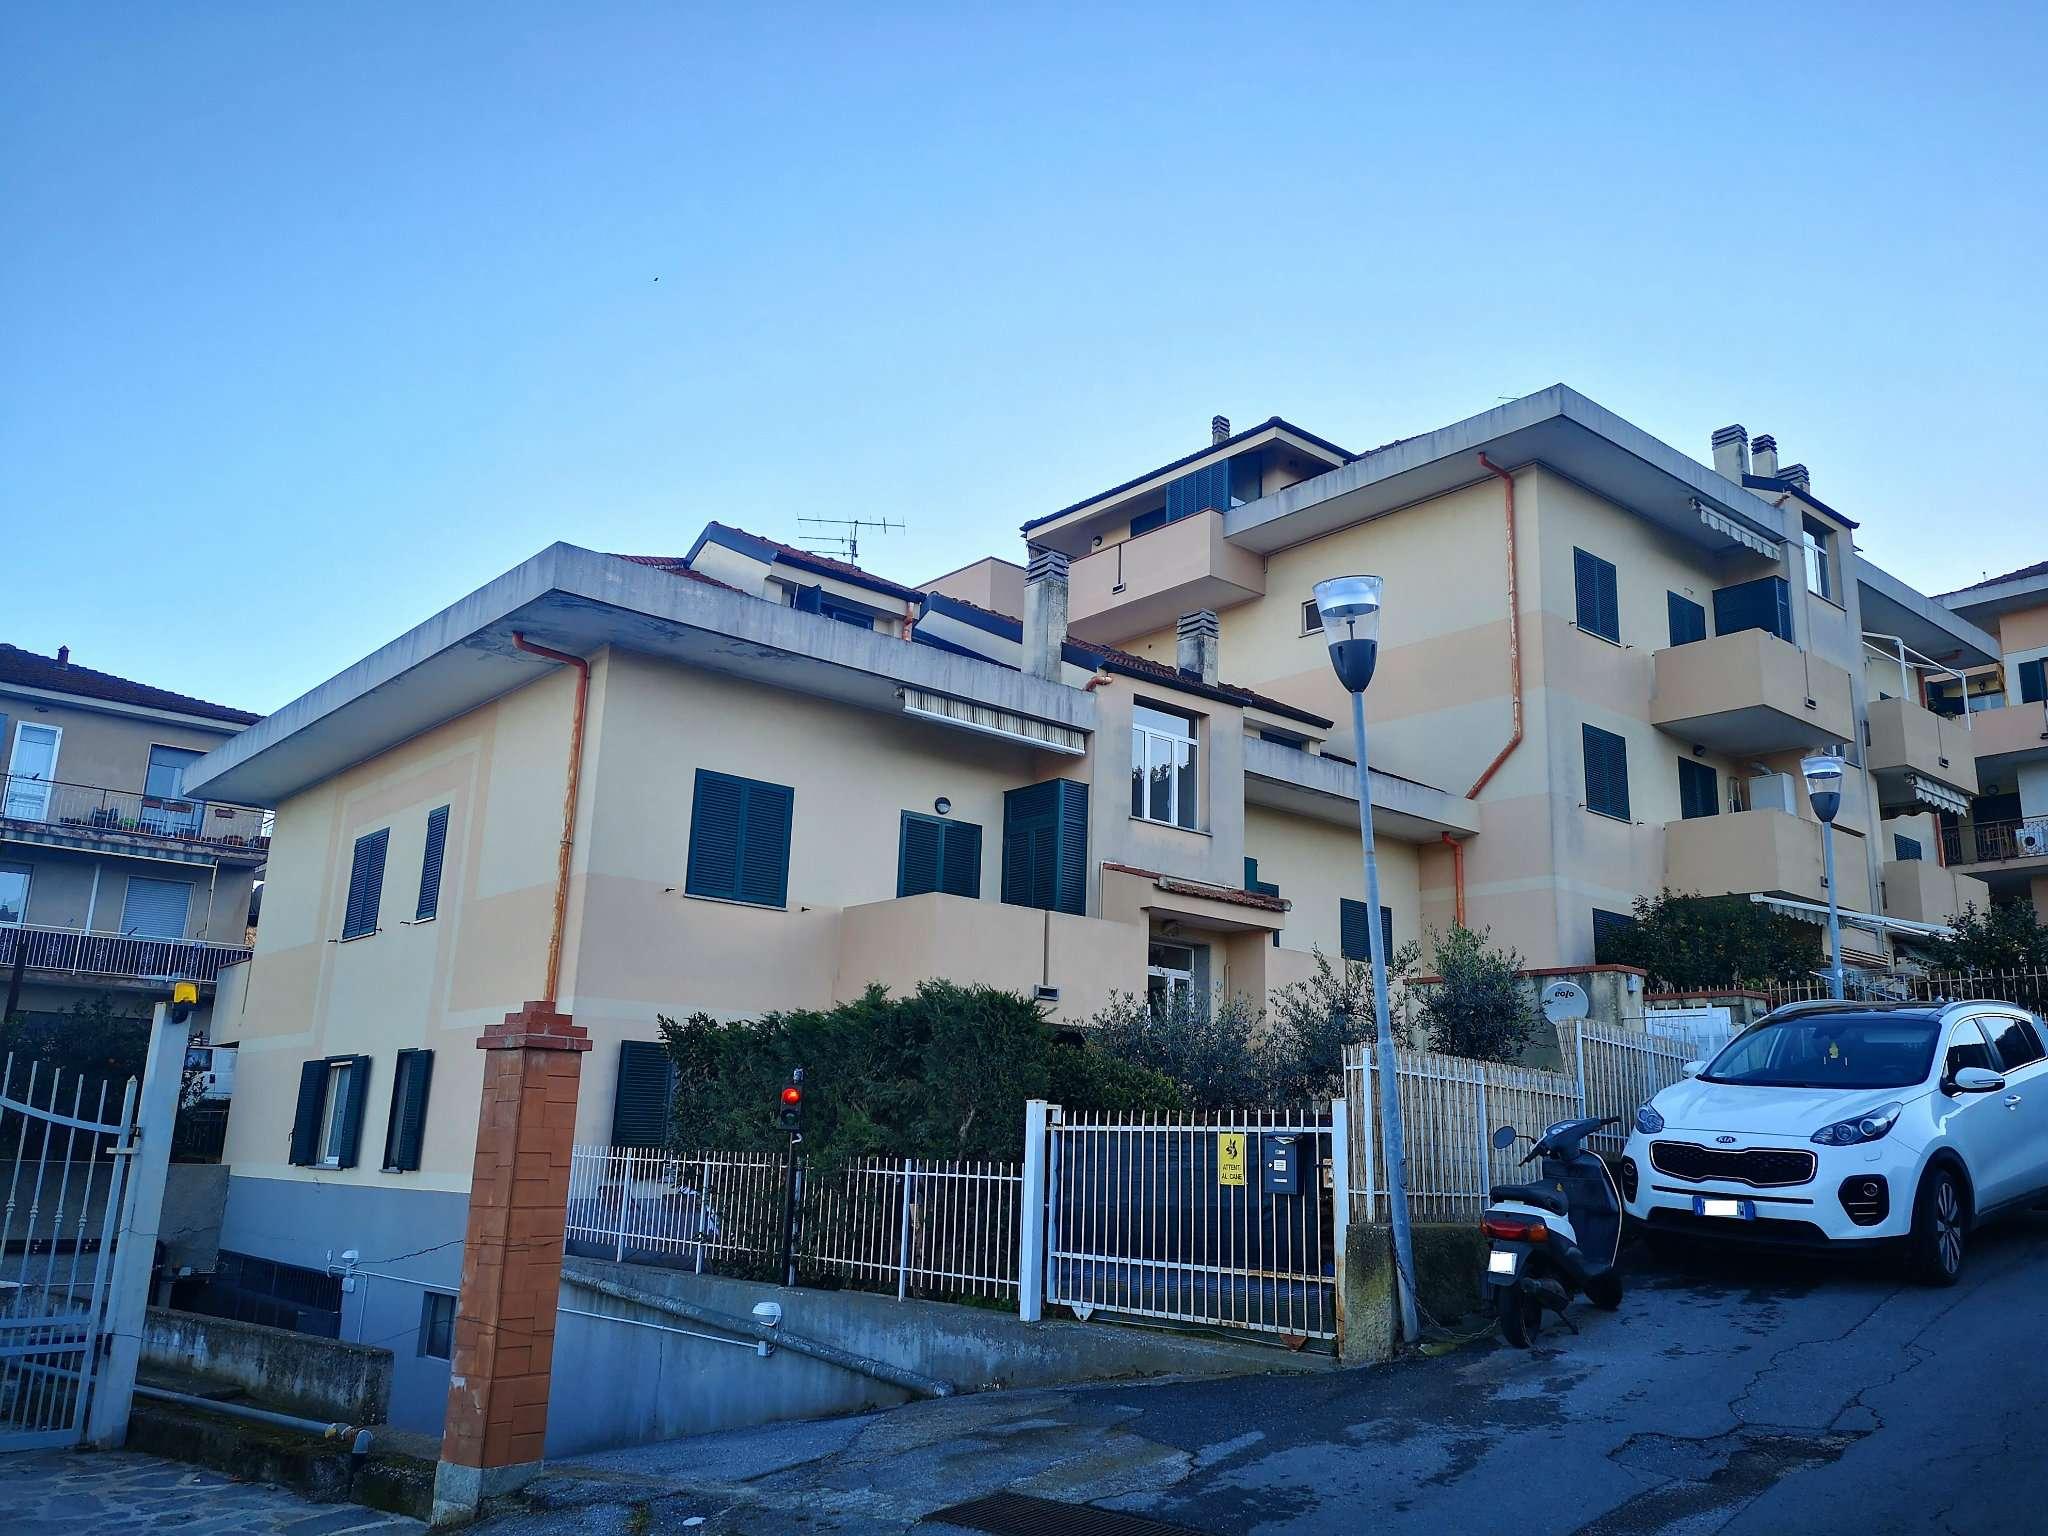 Appartamento in vendita a Albenga, 2 locali, prezzo € 130.000   PortaleAgenzieImmobiliari.it